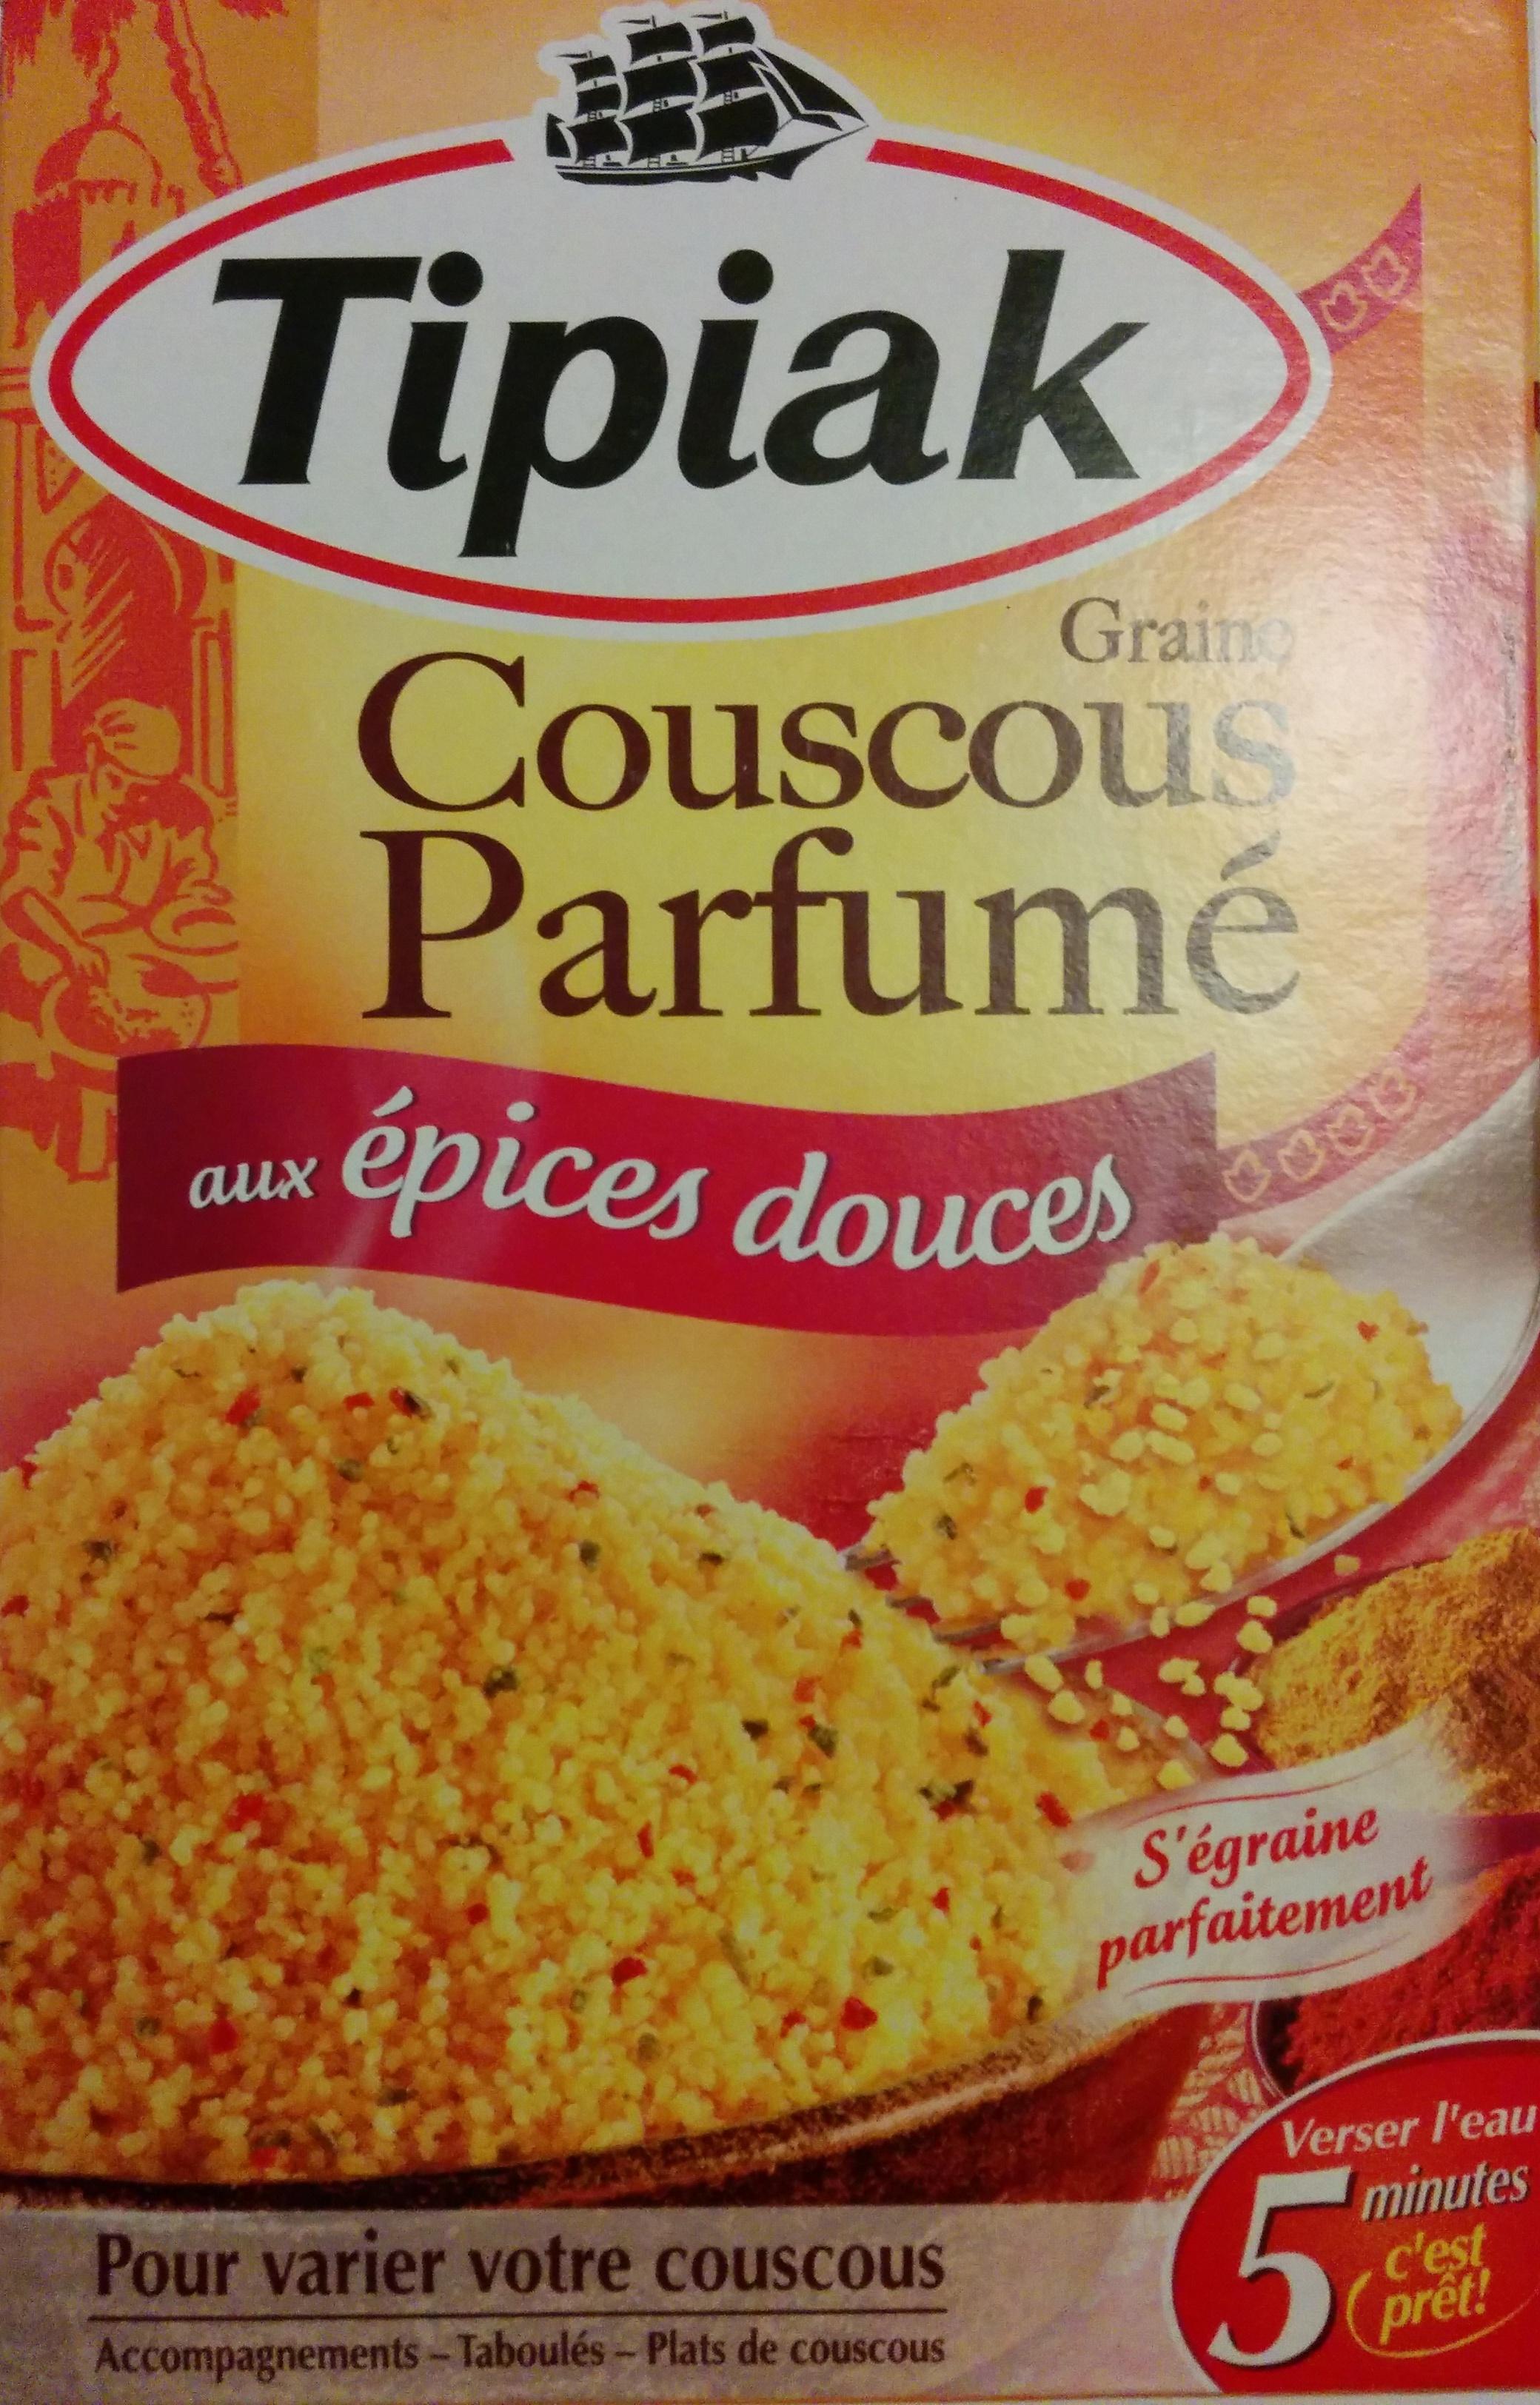 Graine Couscous Parfumé aux épices douces - Produit